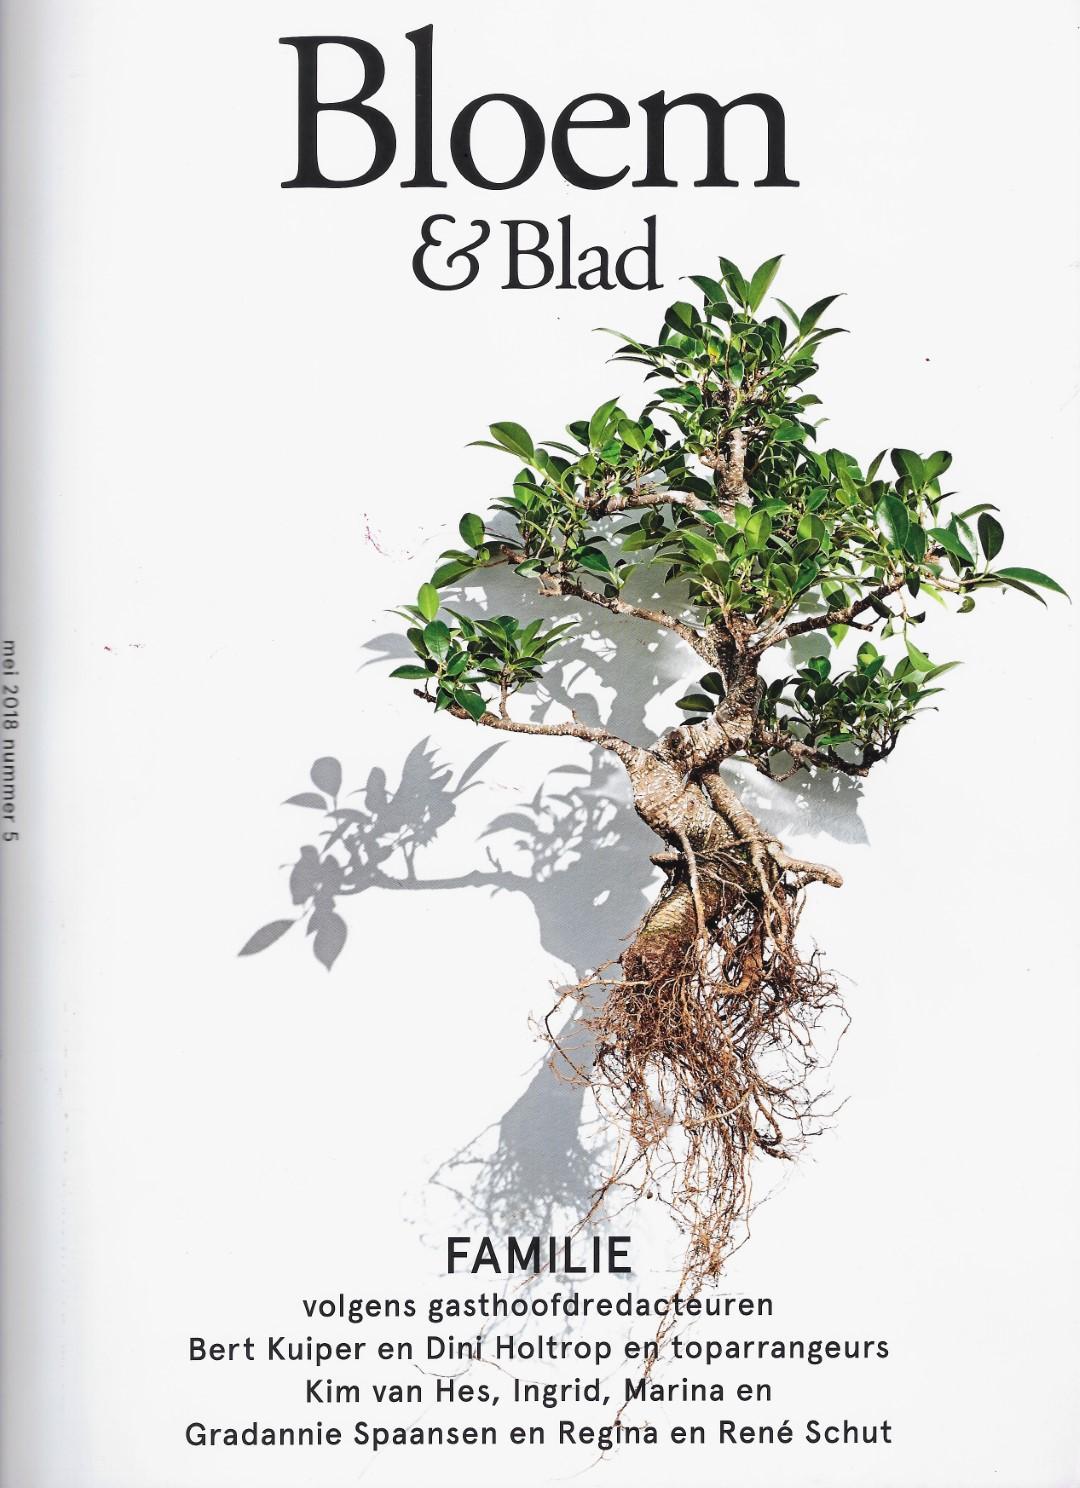 1 voorkant afbeelding bloem en blad (Groot)